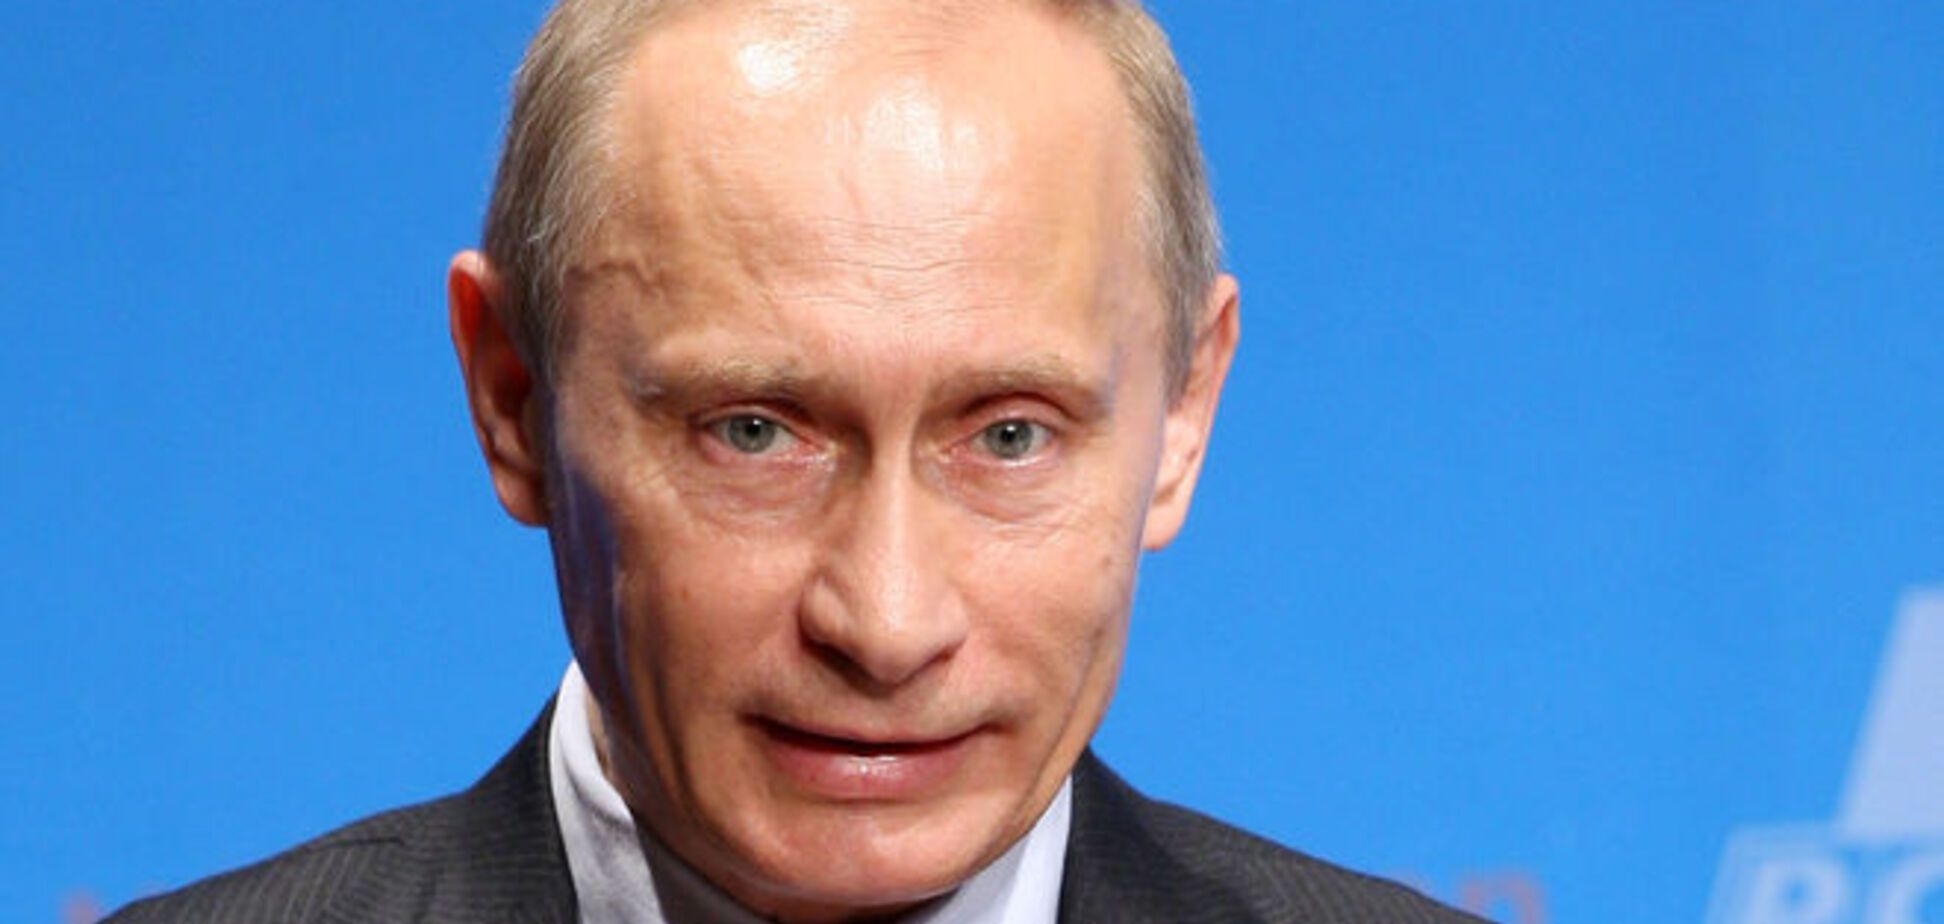 Путин и его кодла перешли черту. Мы возвратились ко временам Сталина и Берии